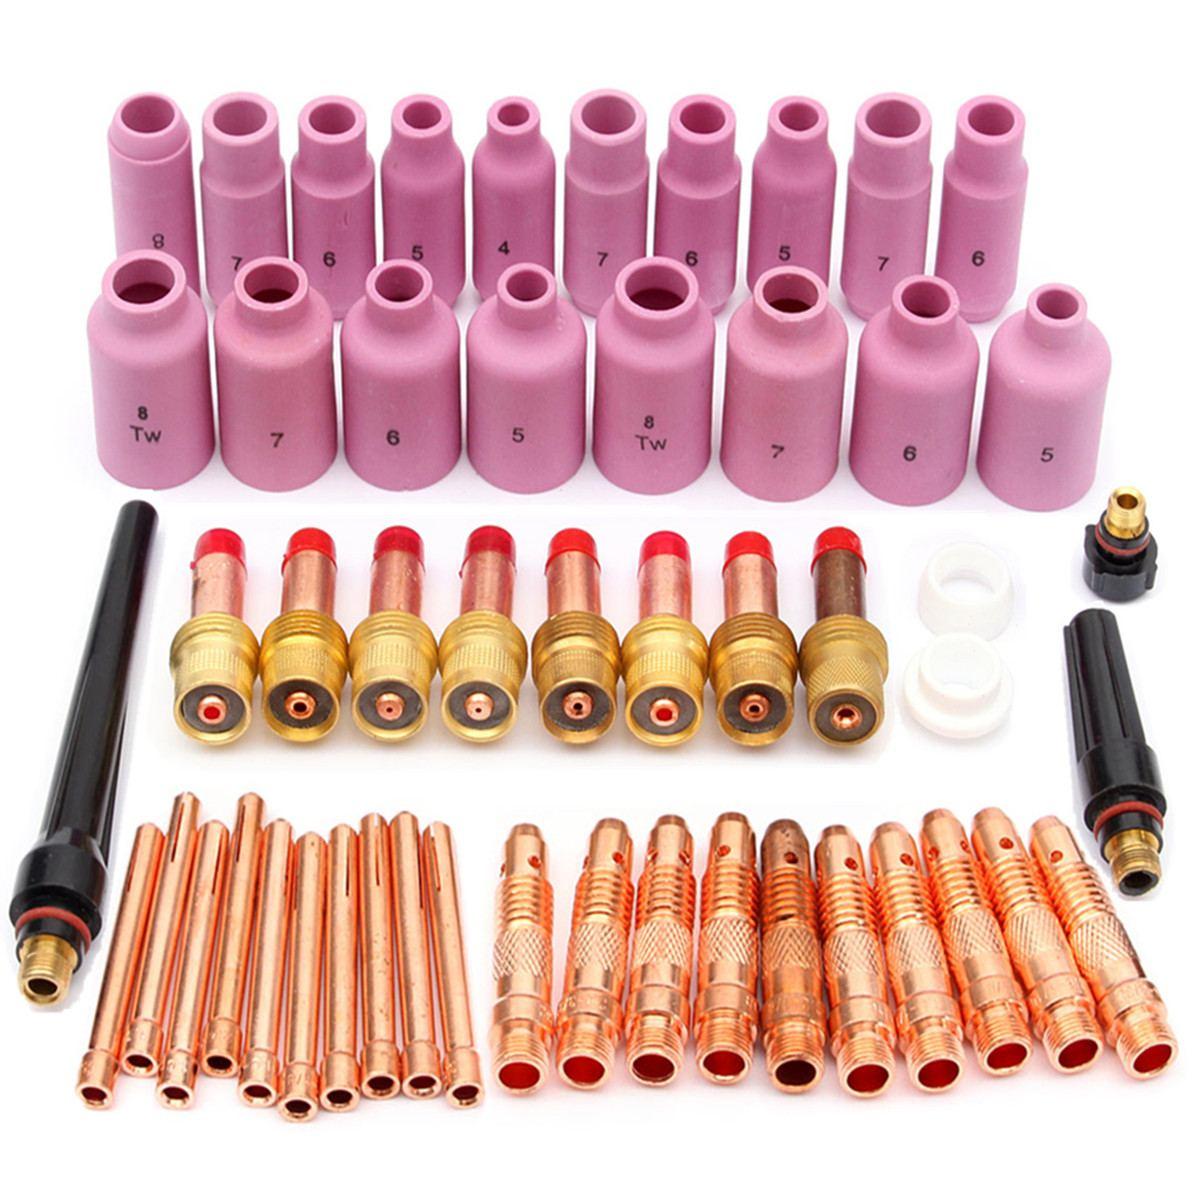 Ferramenta para wp Lente de Gás + 10 Eficiente Pyrex Copo Vidro Fácil Uso Prático Acessórios Kit Tocha Soldagem Arco Argônio Tig 17 – 18 26 51 Pçs